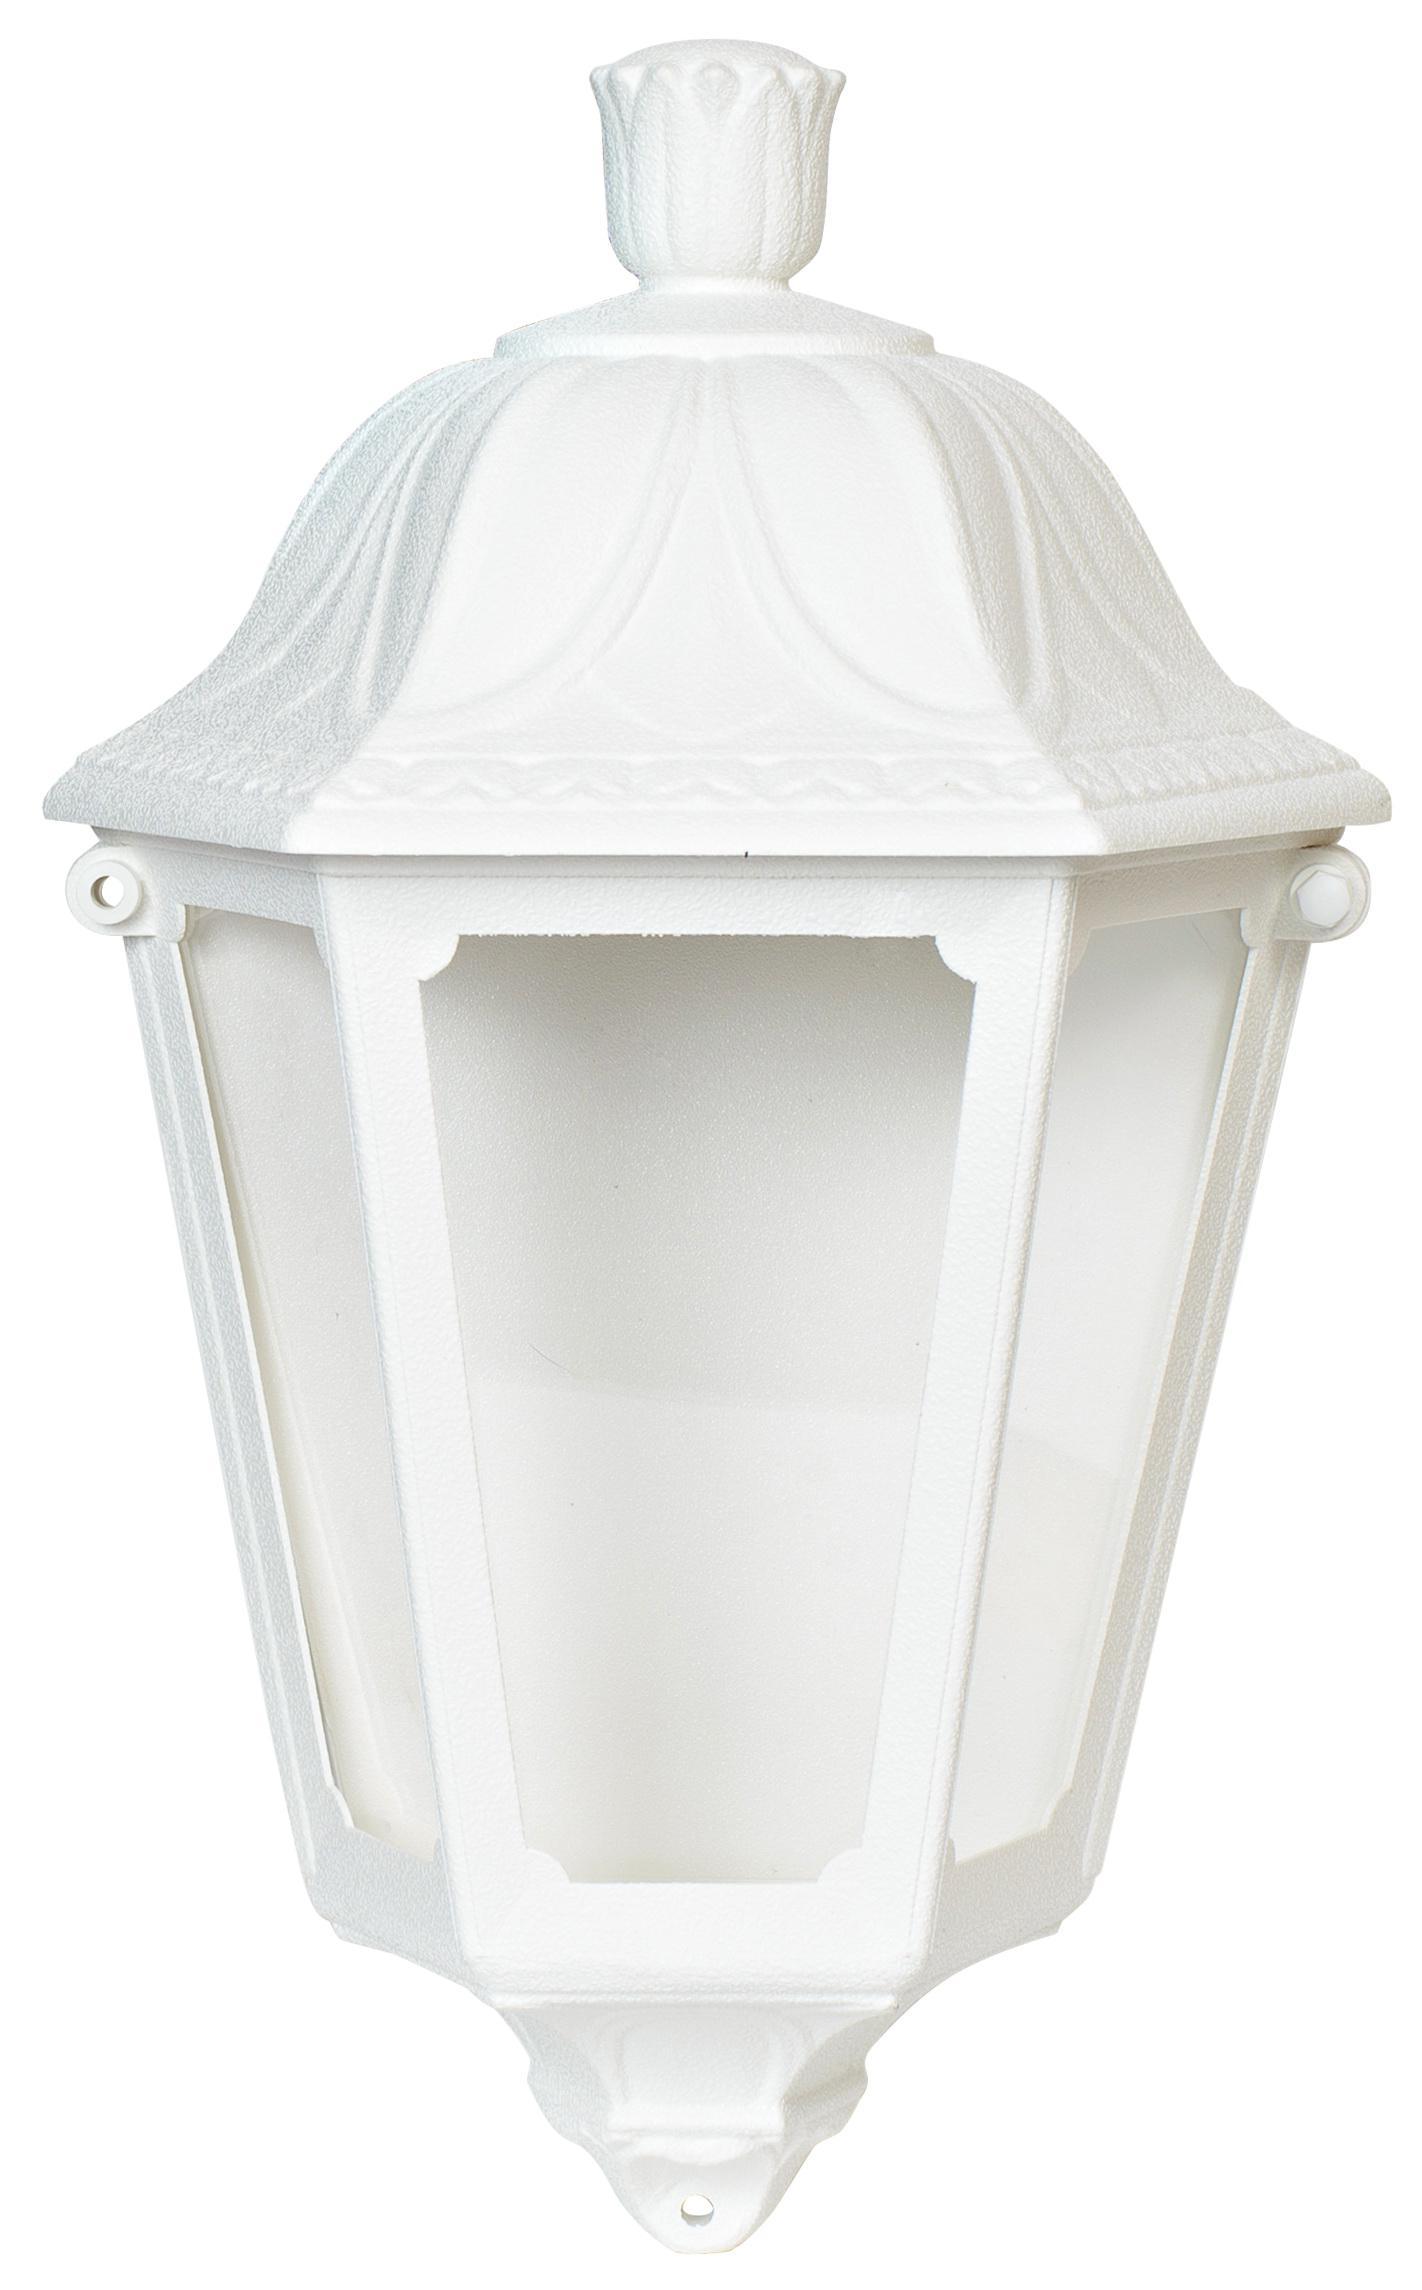 Светильник Fumagalli Iesse wc, уличный, производство: Италия, белый прозрачный